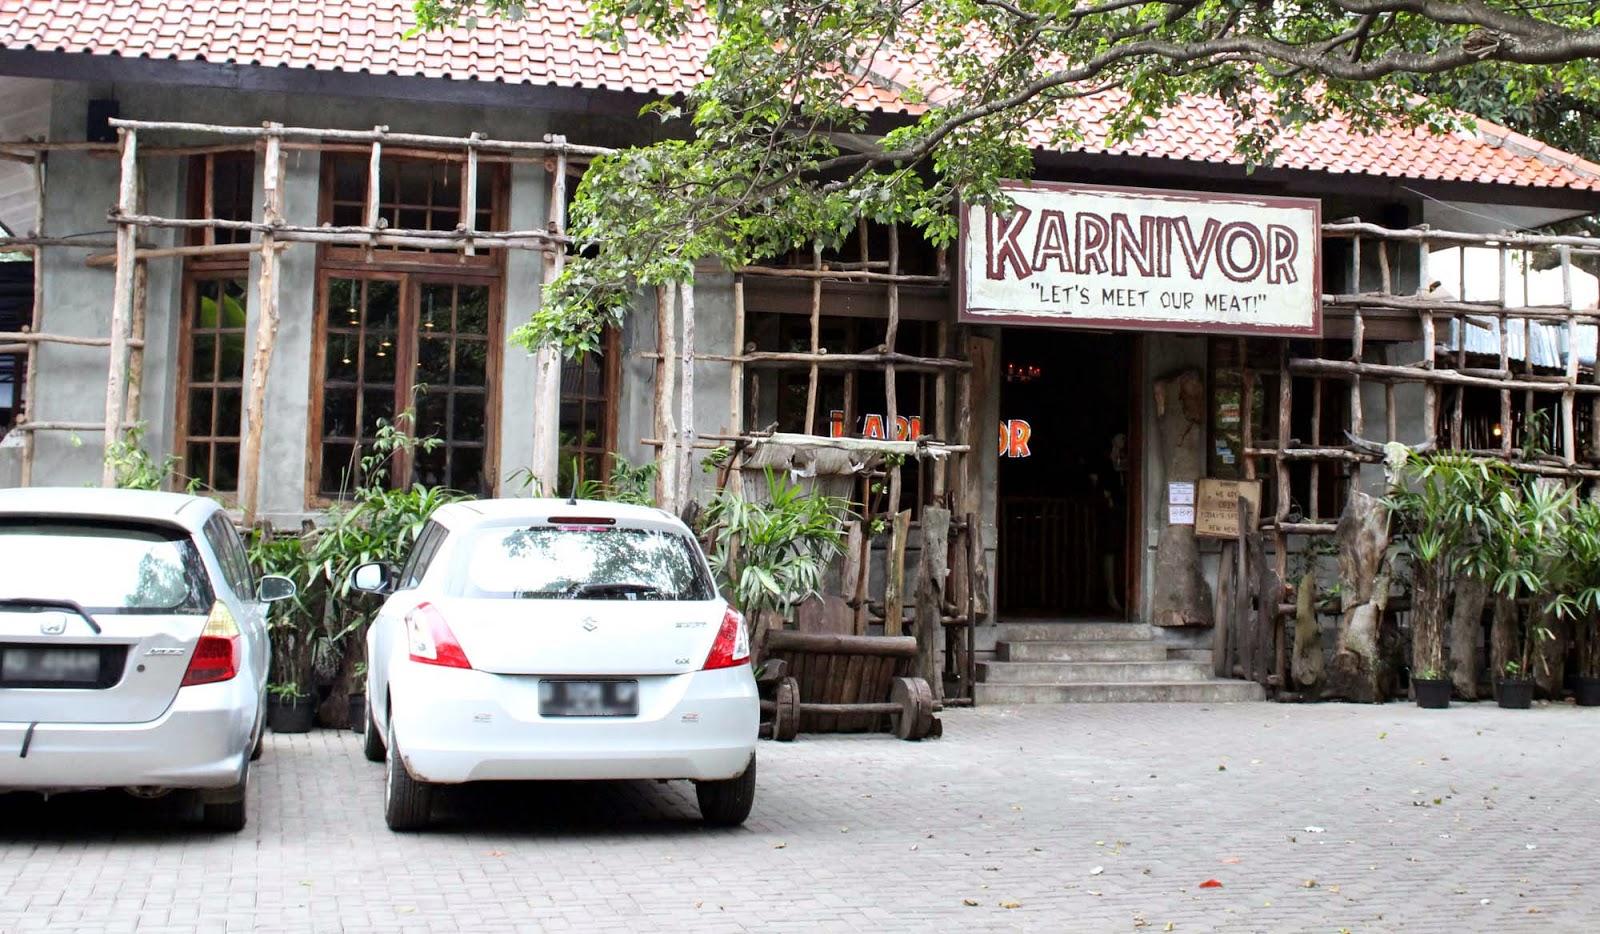 Karnivor Cafe